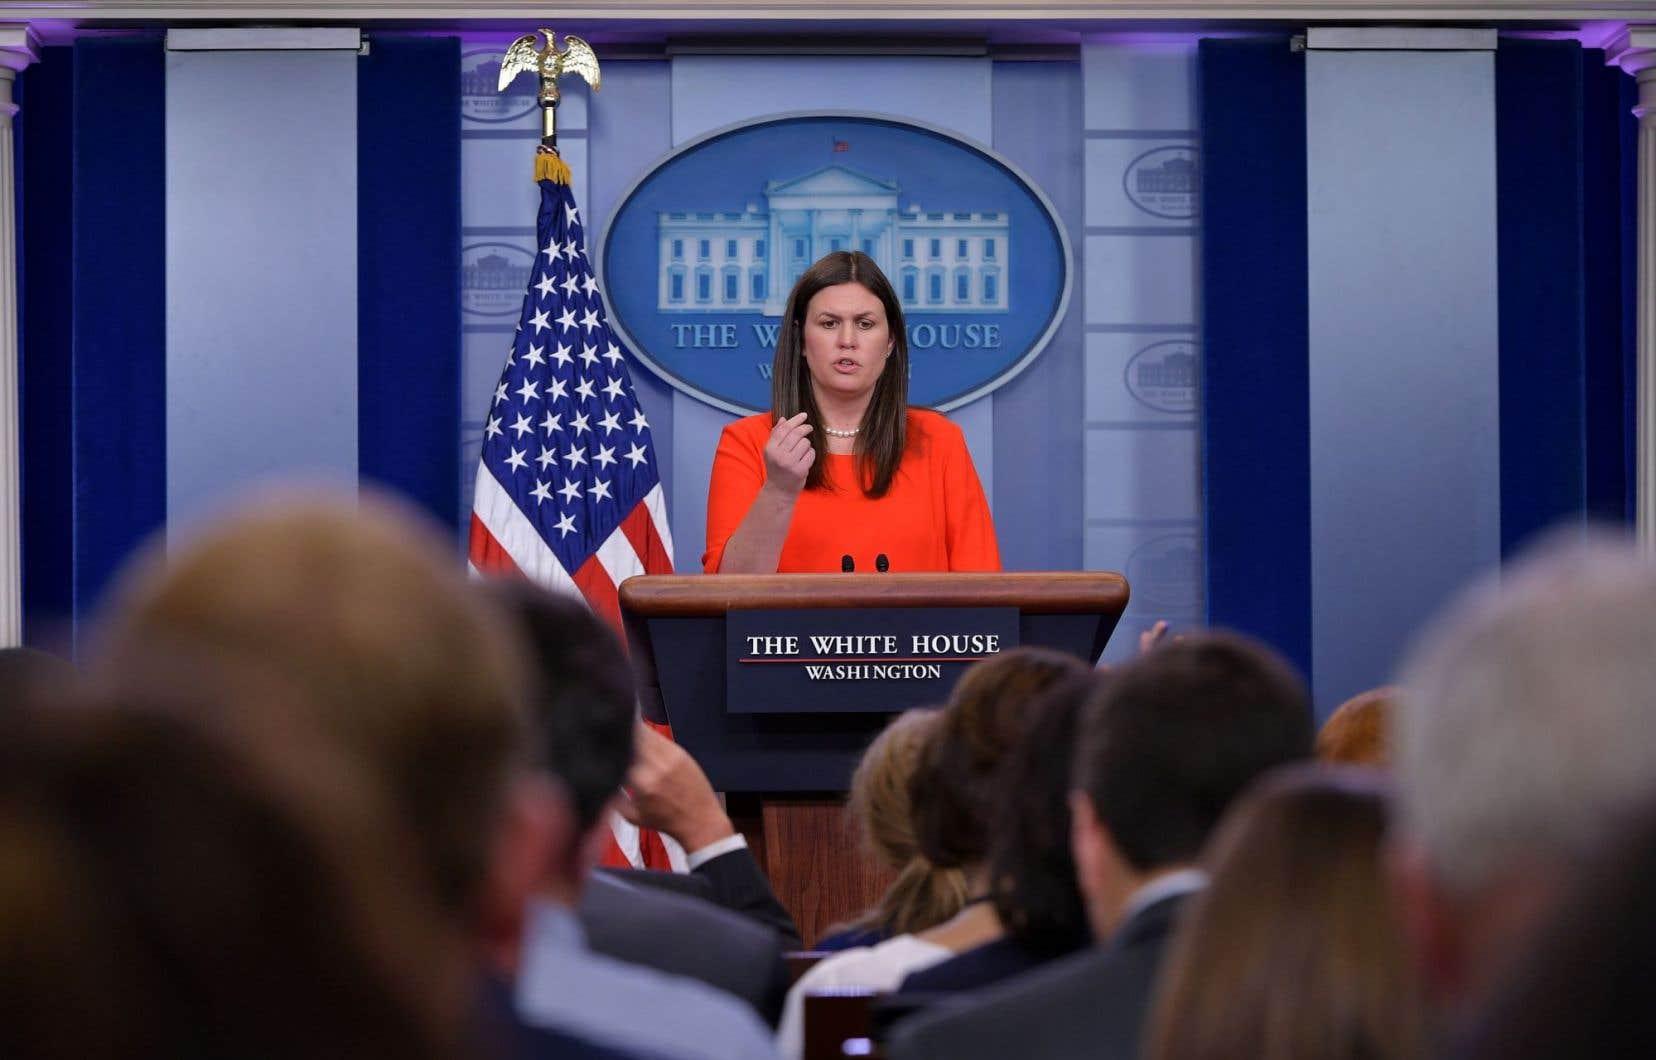 Sarah Huckabee Sanders avait rejoint en février2016 l'équipe de Donald Trump, auprès de qui elle est progressivement montée en grade après la victoire, jusqu'à entrer à la Maison-Blanche.